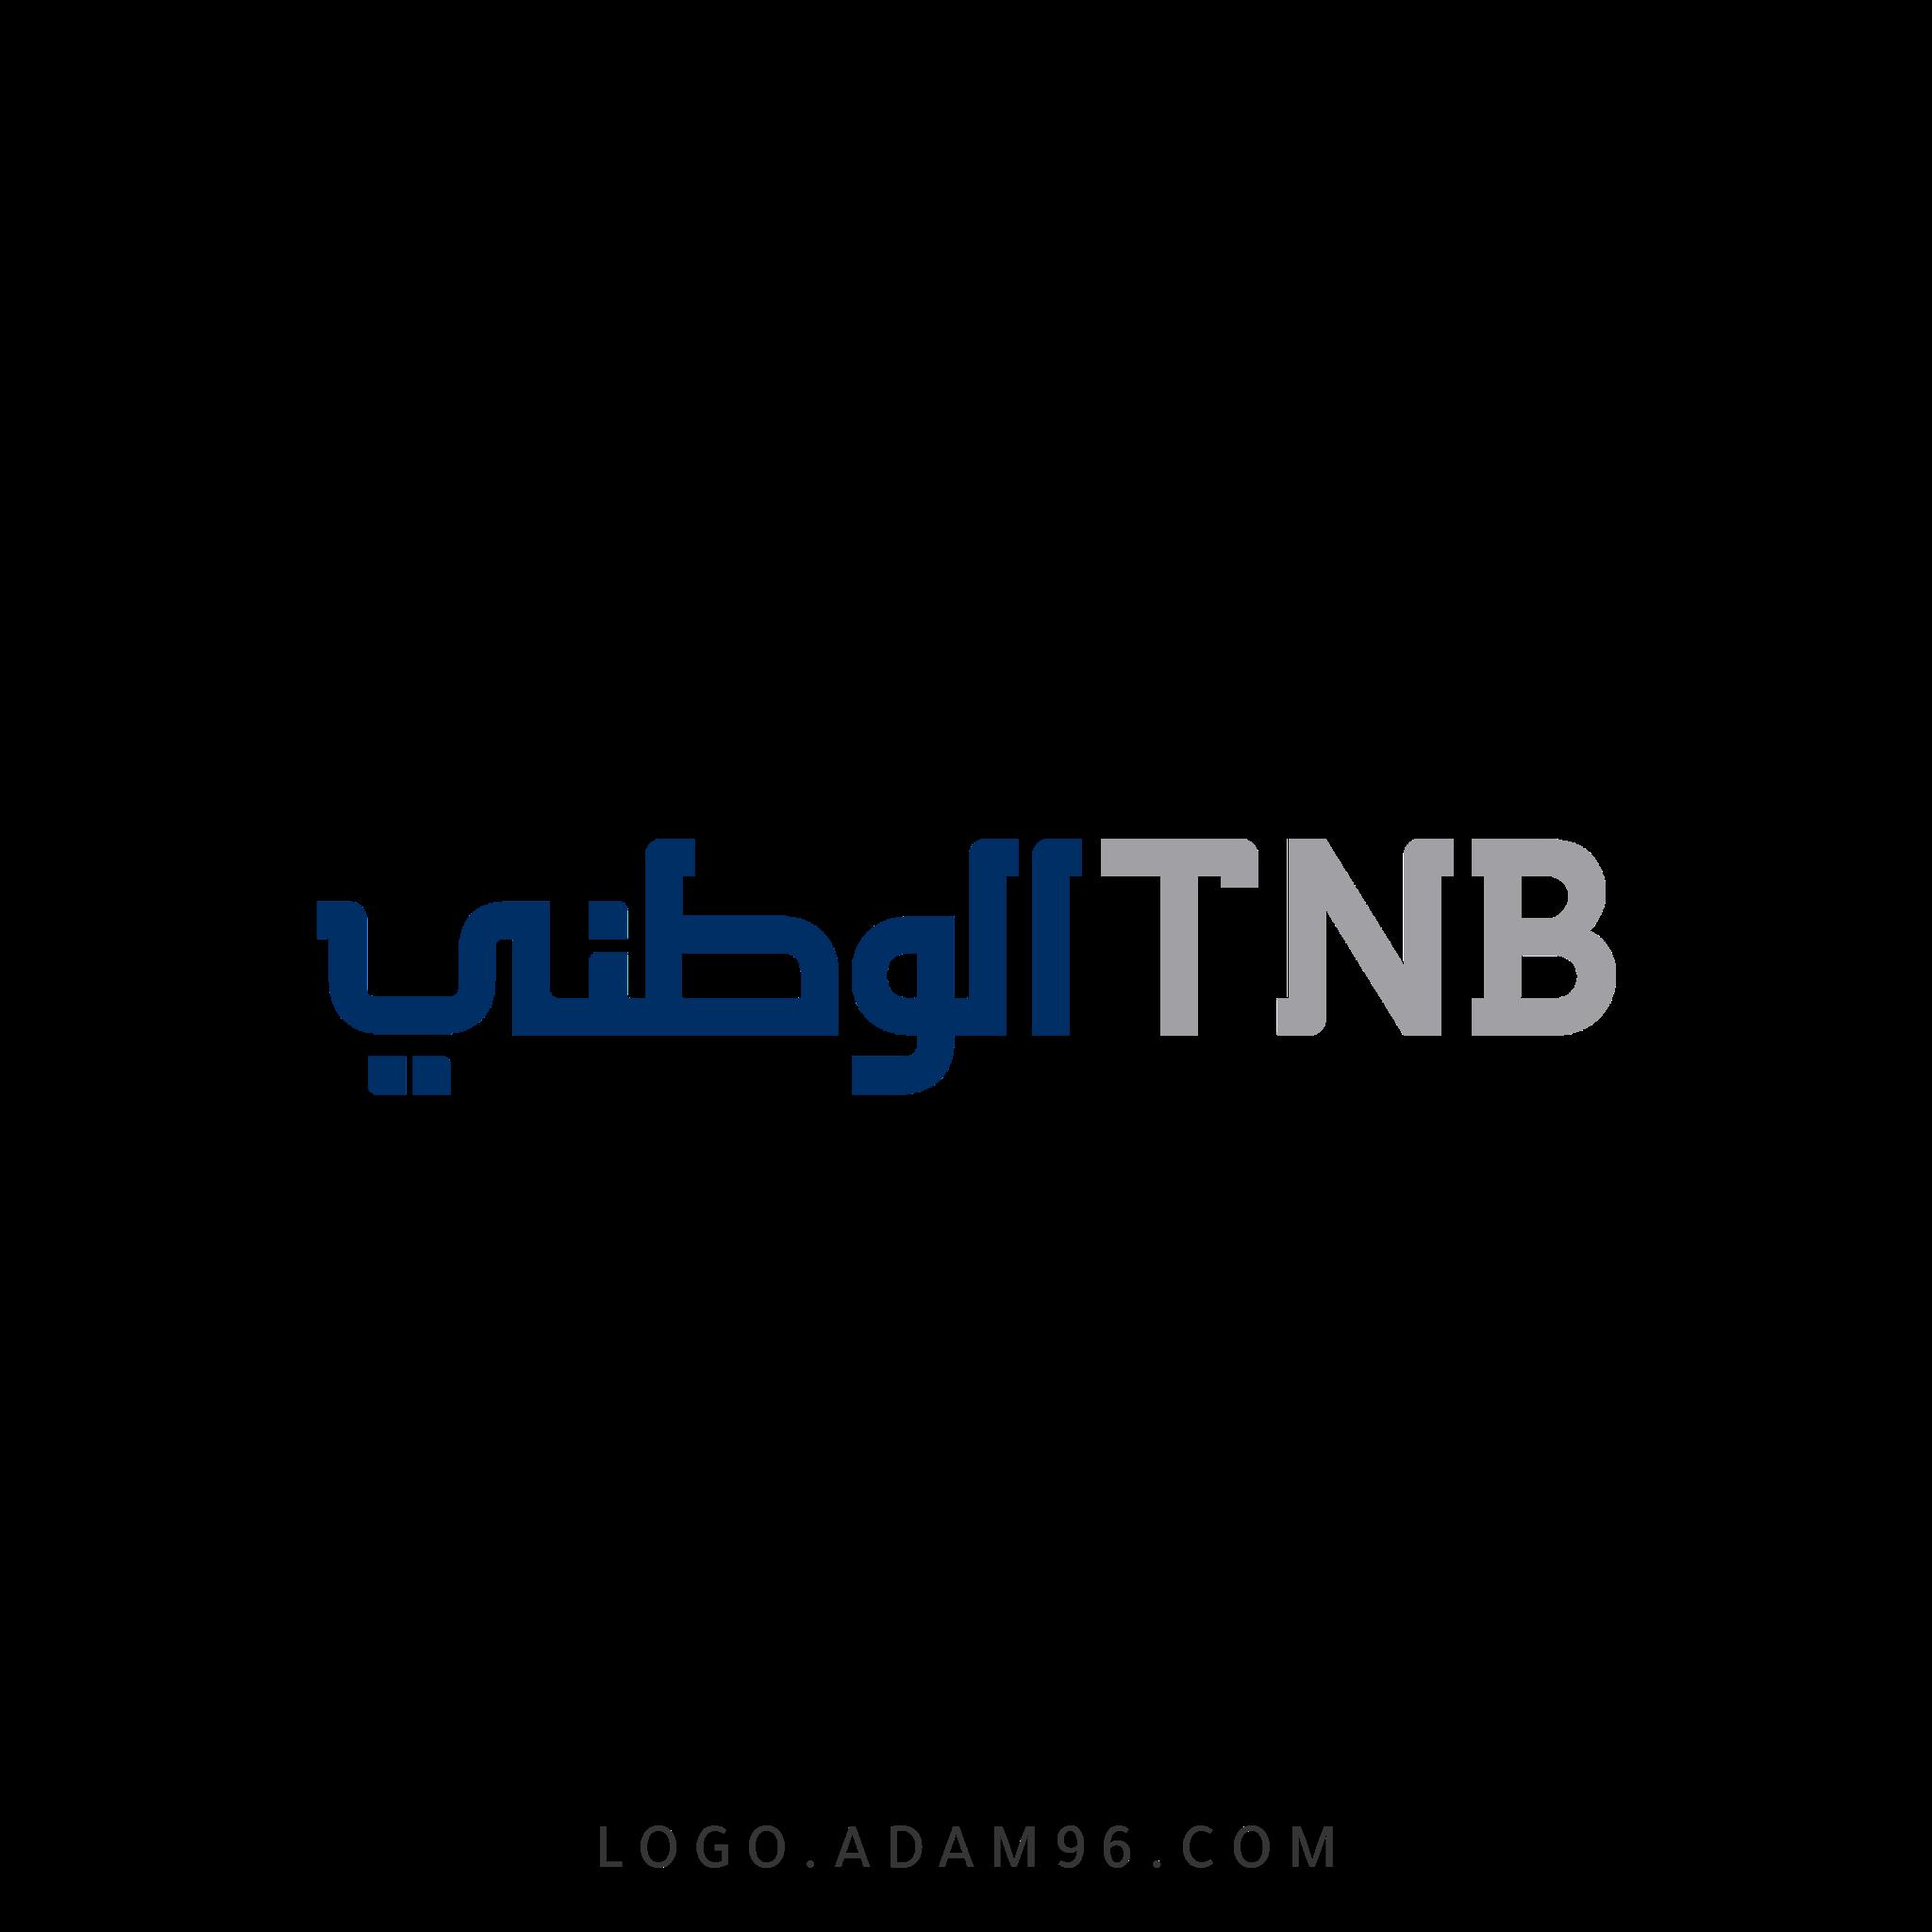 تحميل شعار البنك الوطني - فلسطين لوجو رسمي PNG